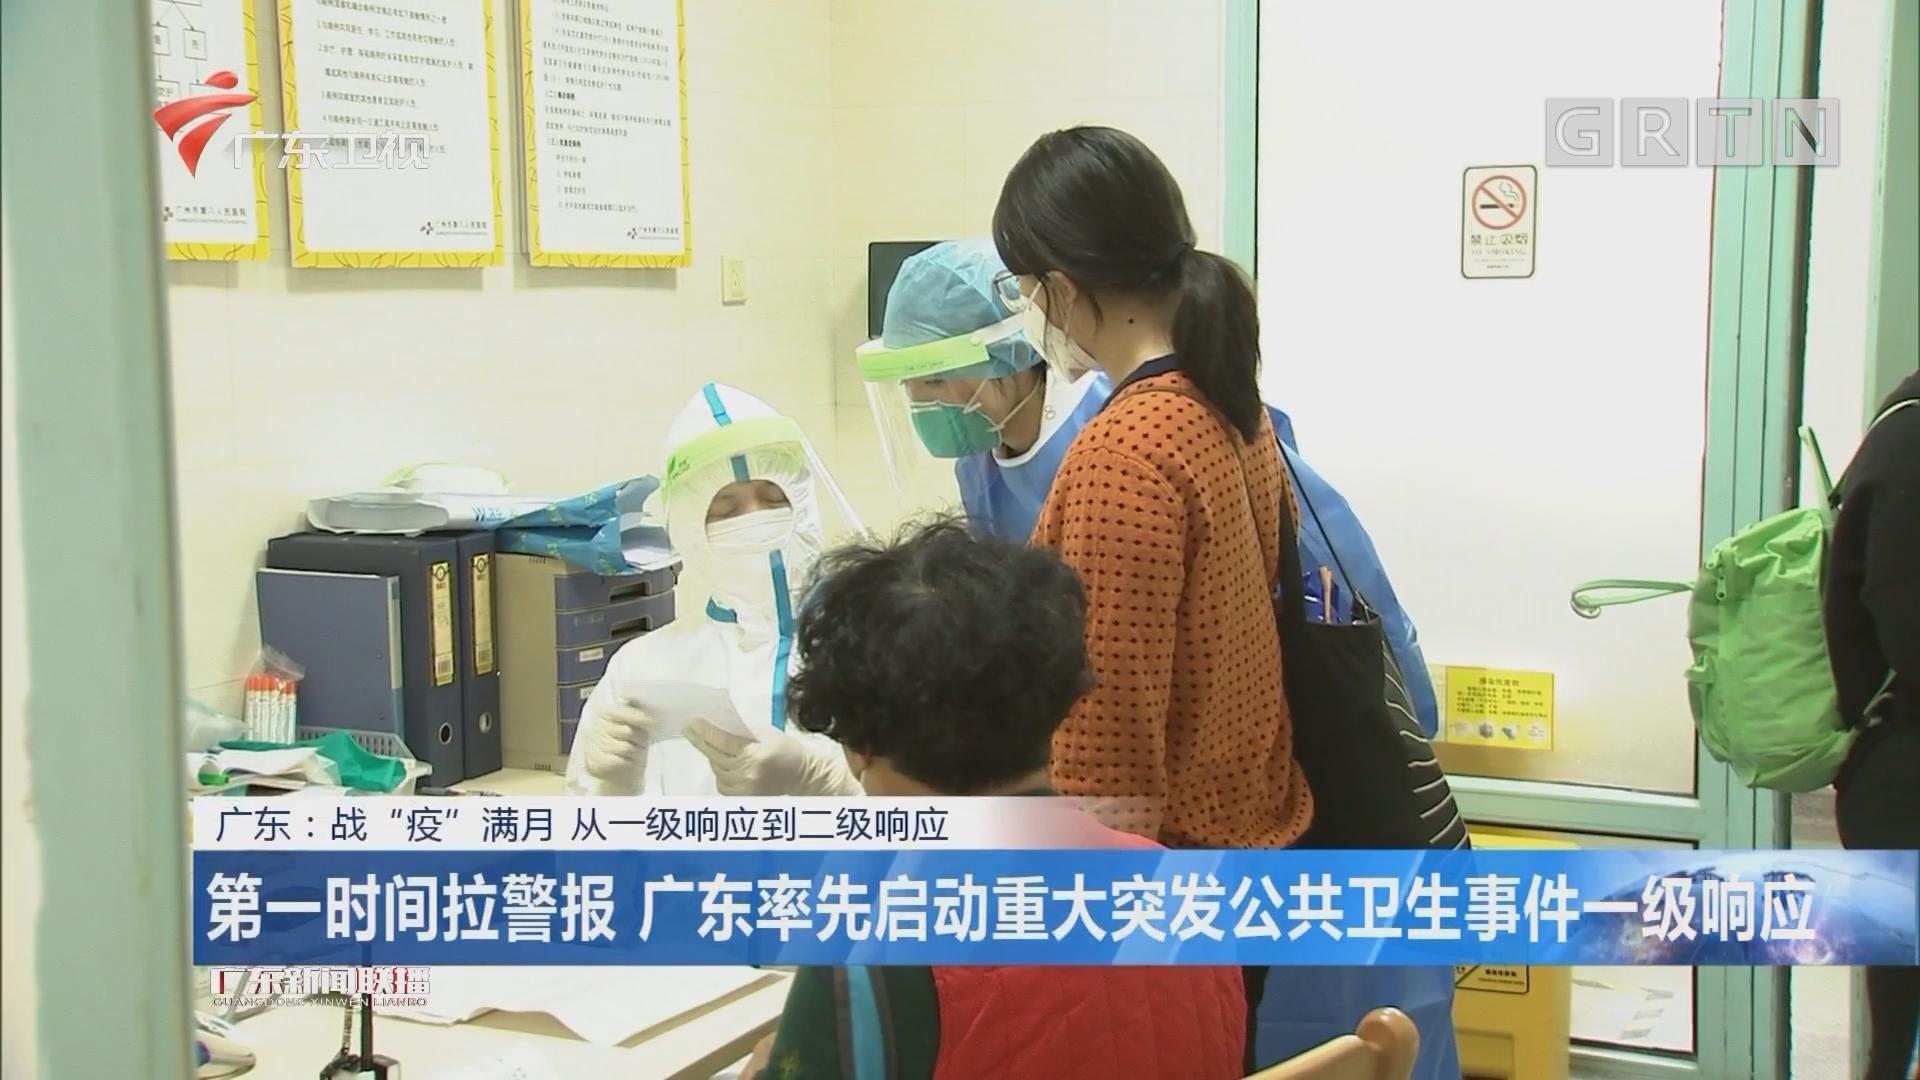 第一时间拉警报 广东率先启动重大突发公共卫生事件一级响应